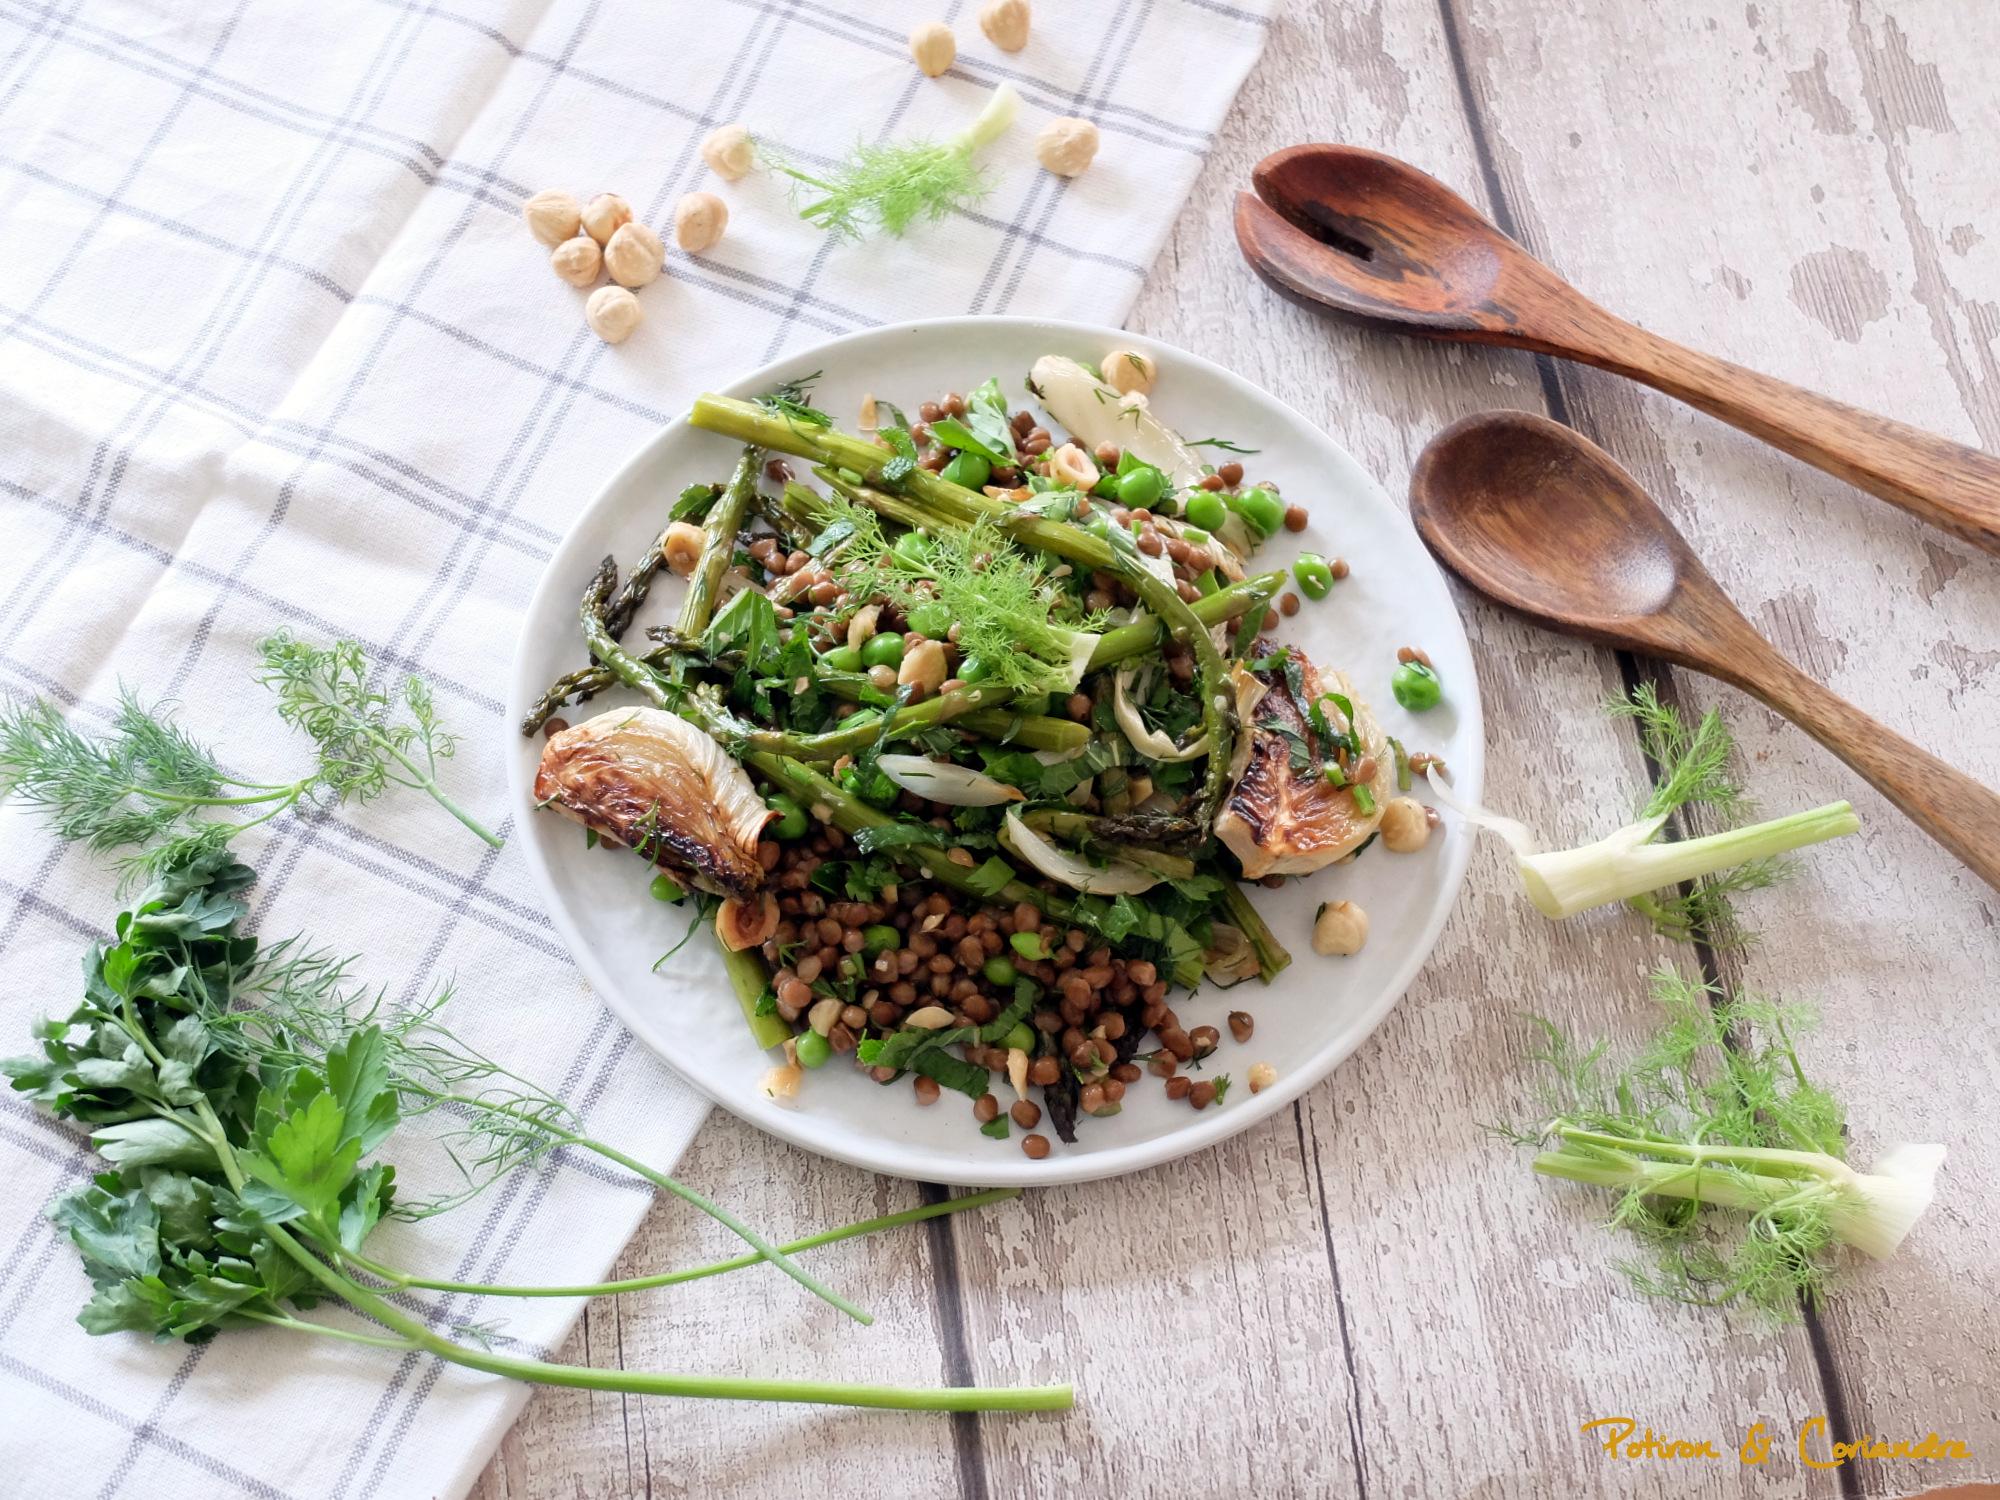 Salade fenouil rôti, asperges, petits pois et lentilles